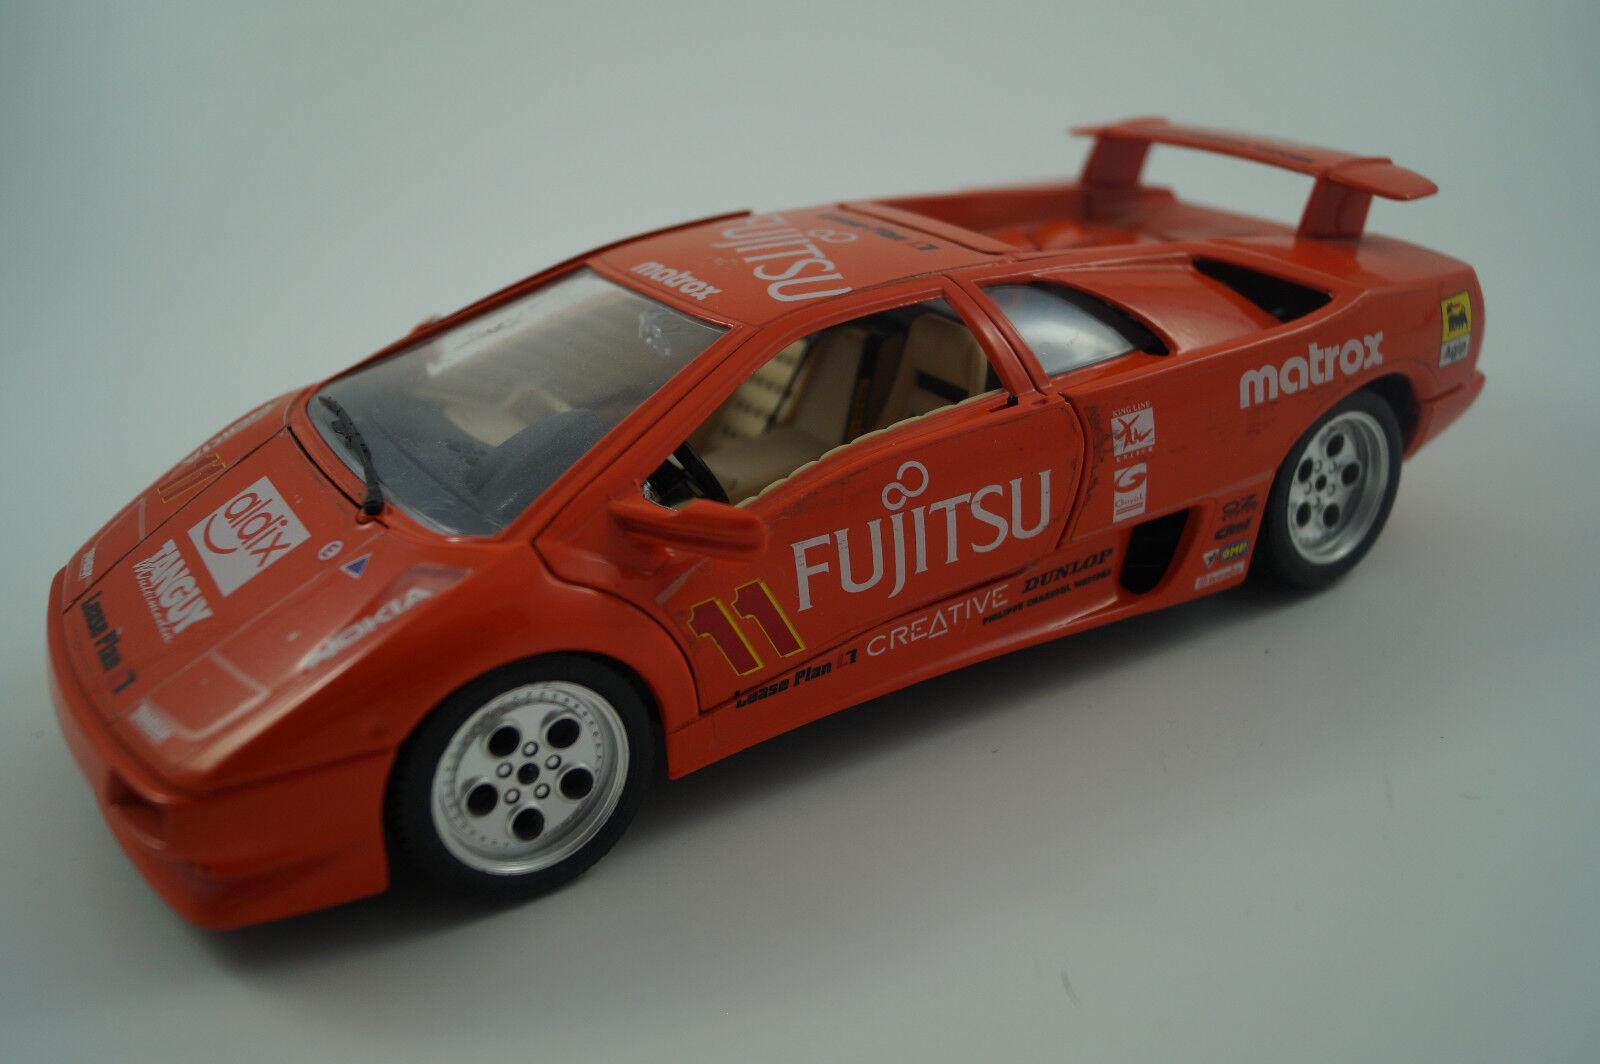 BBURAGO Burago modello di auto 1:18 LAMBORGHINI DIABLO 1990 Fujitsu